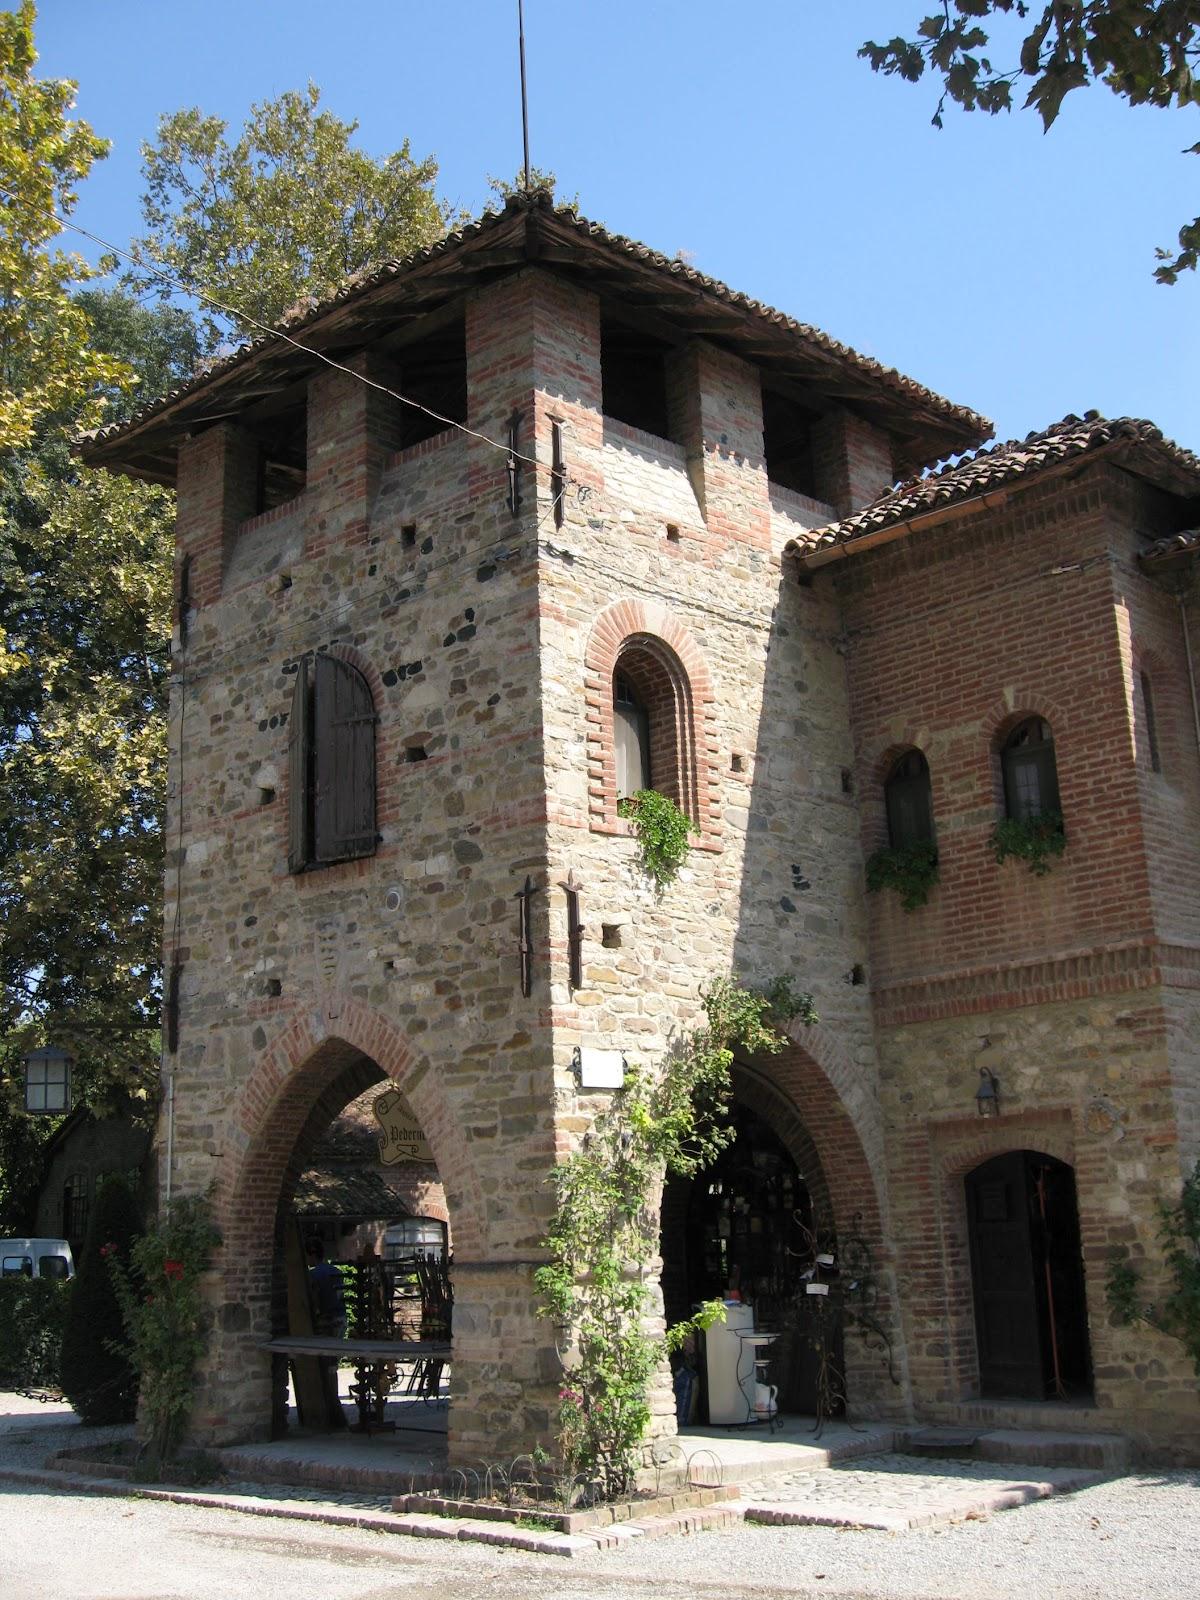 medieval milan - photo#25